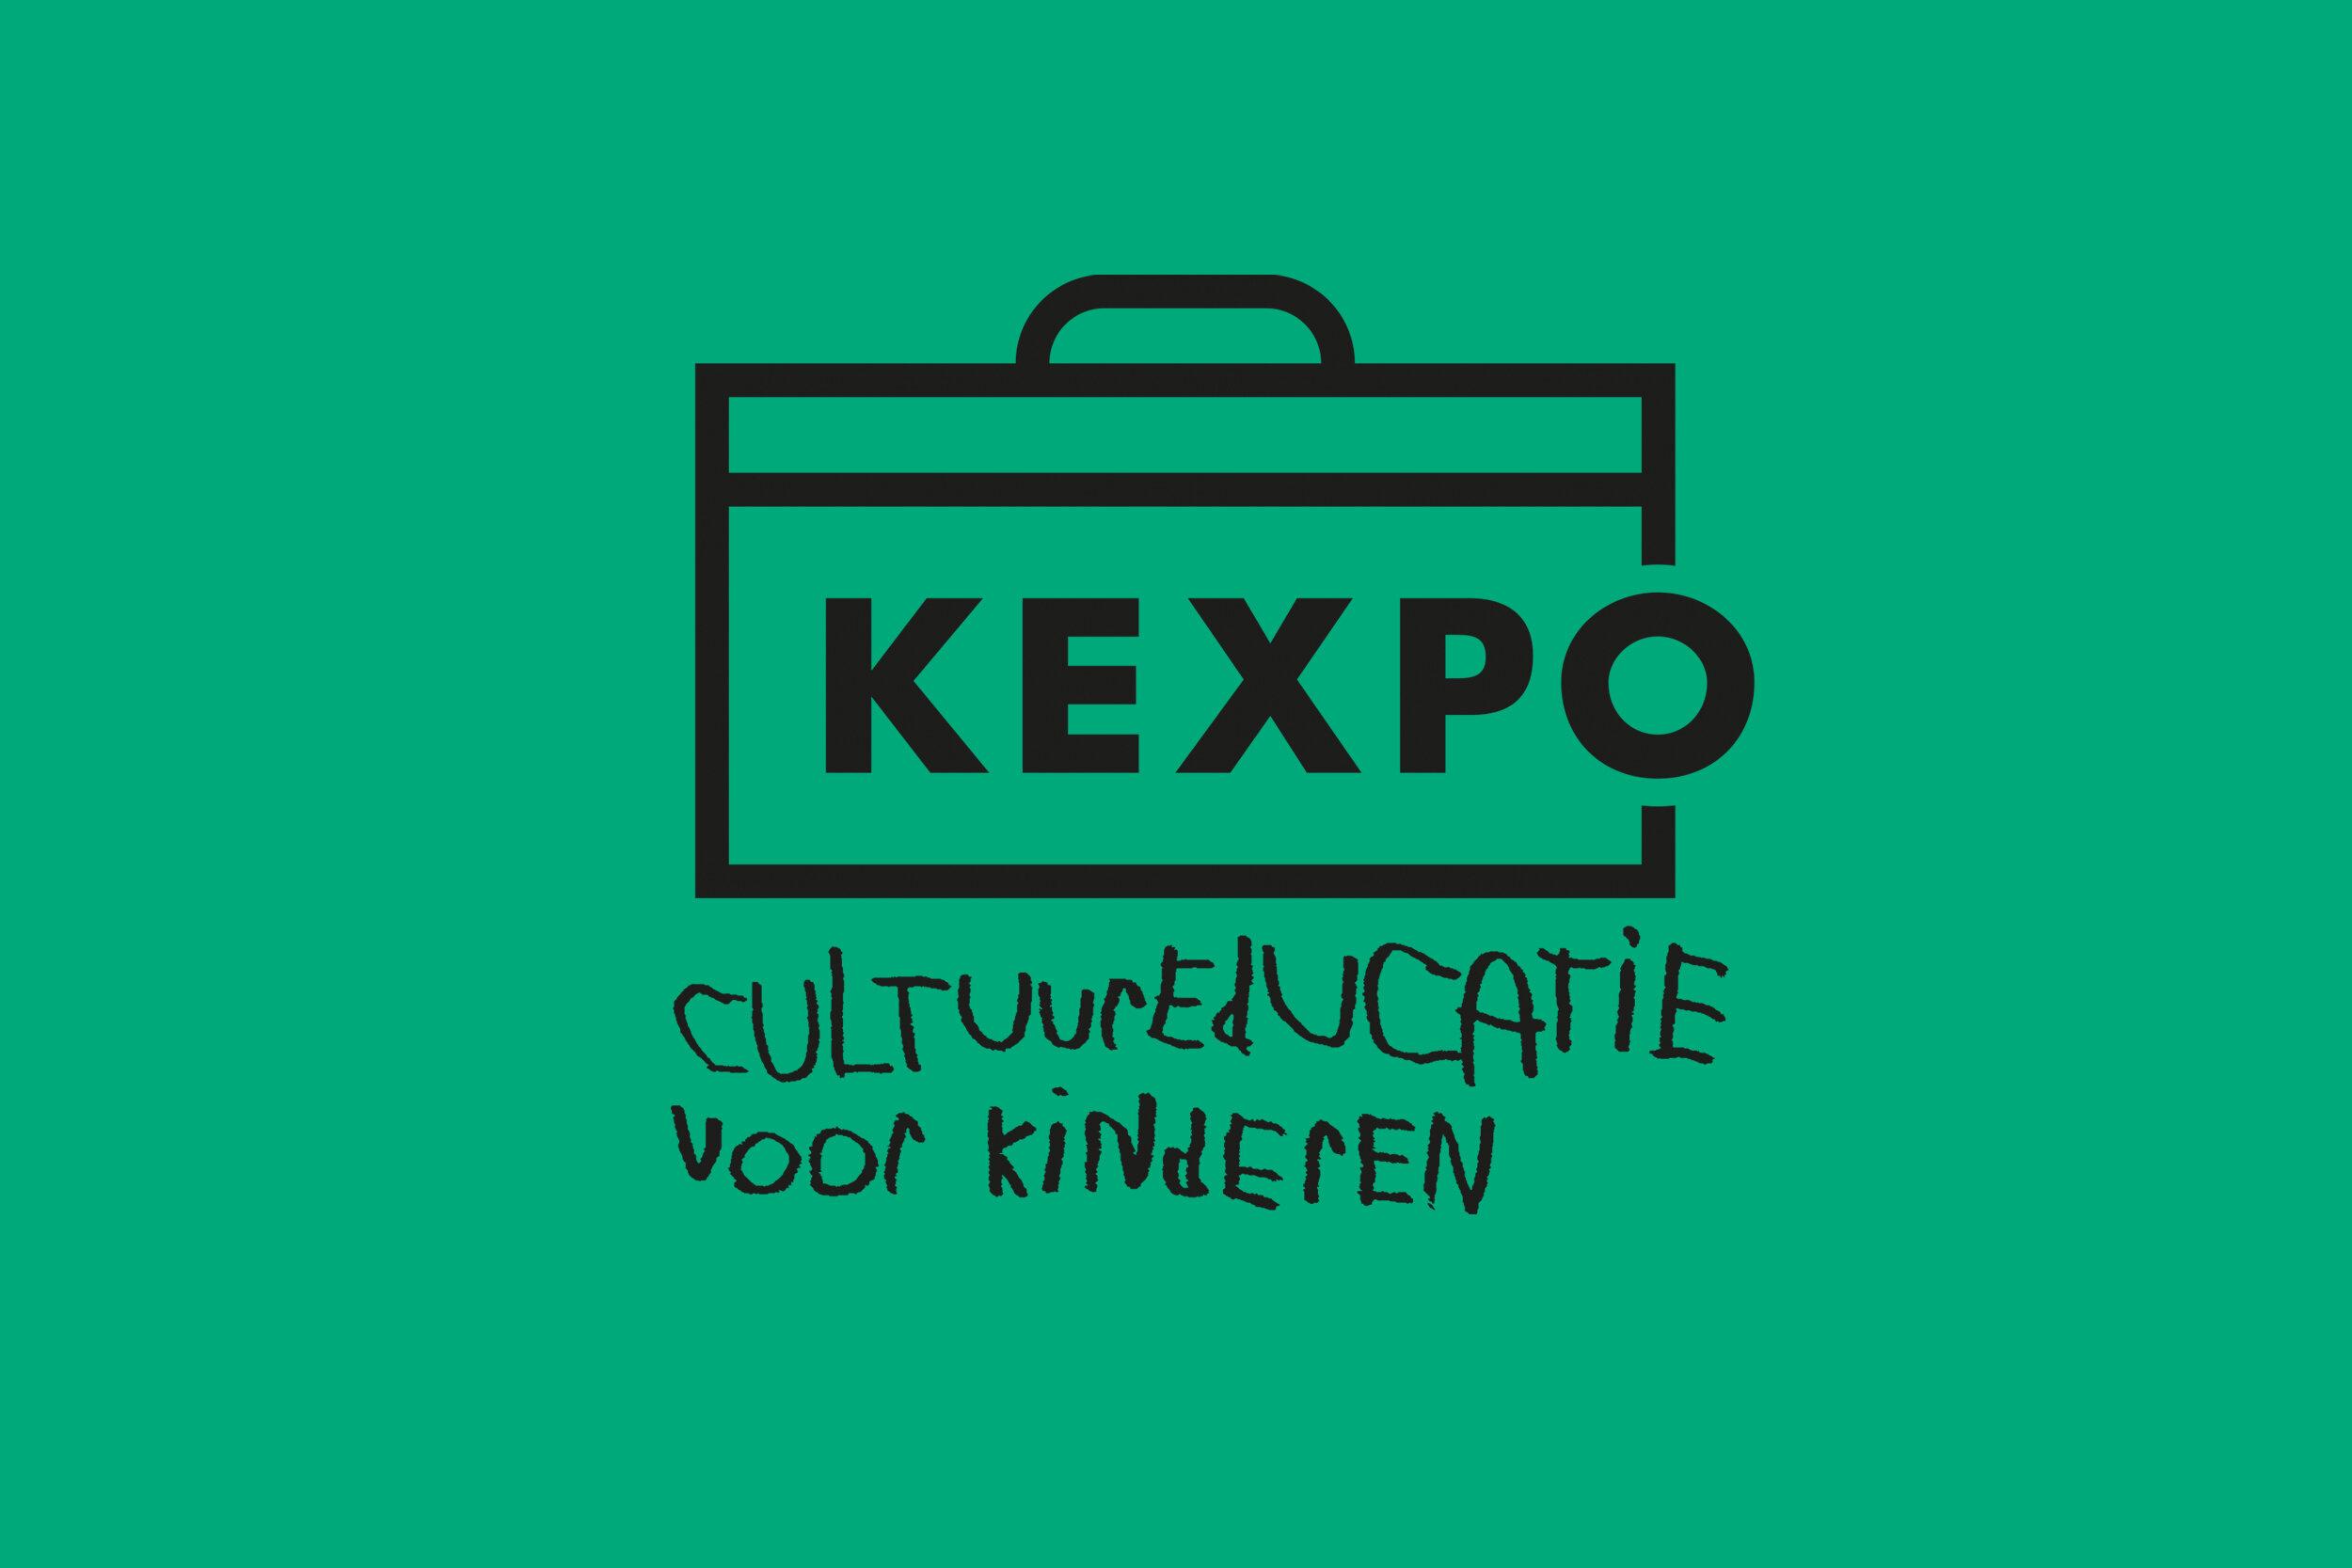 Logo_Kexpo_Shortlife.jpg